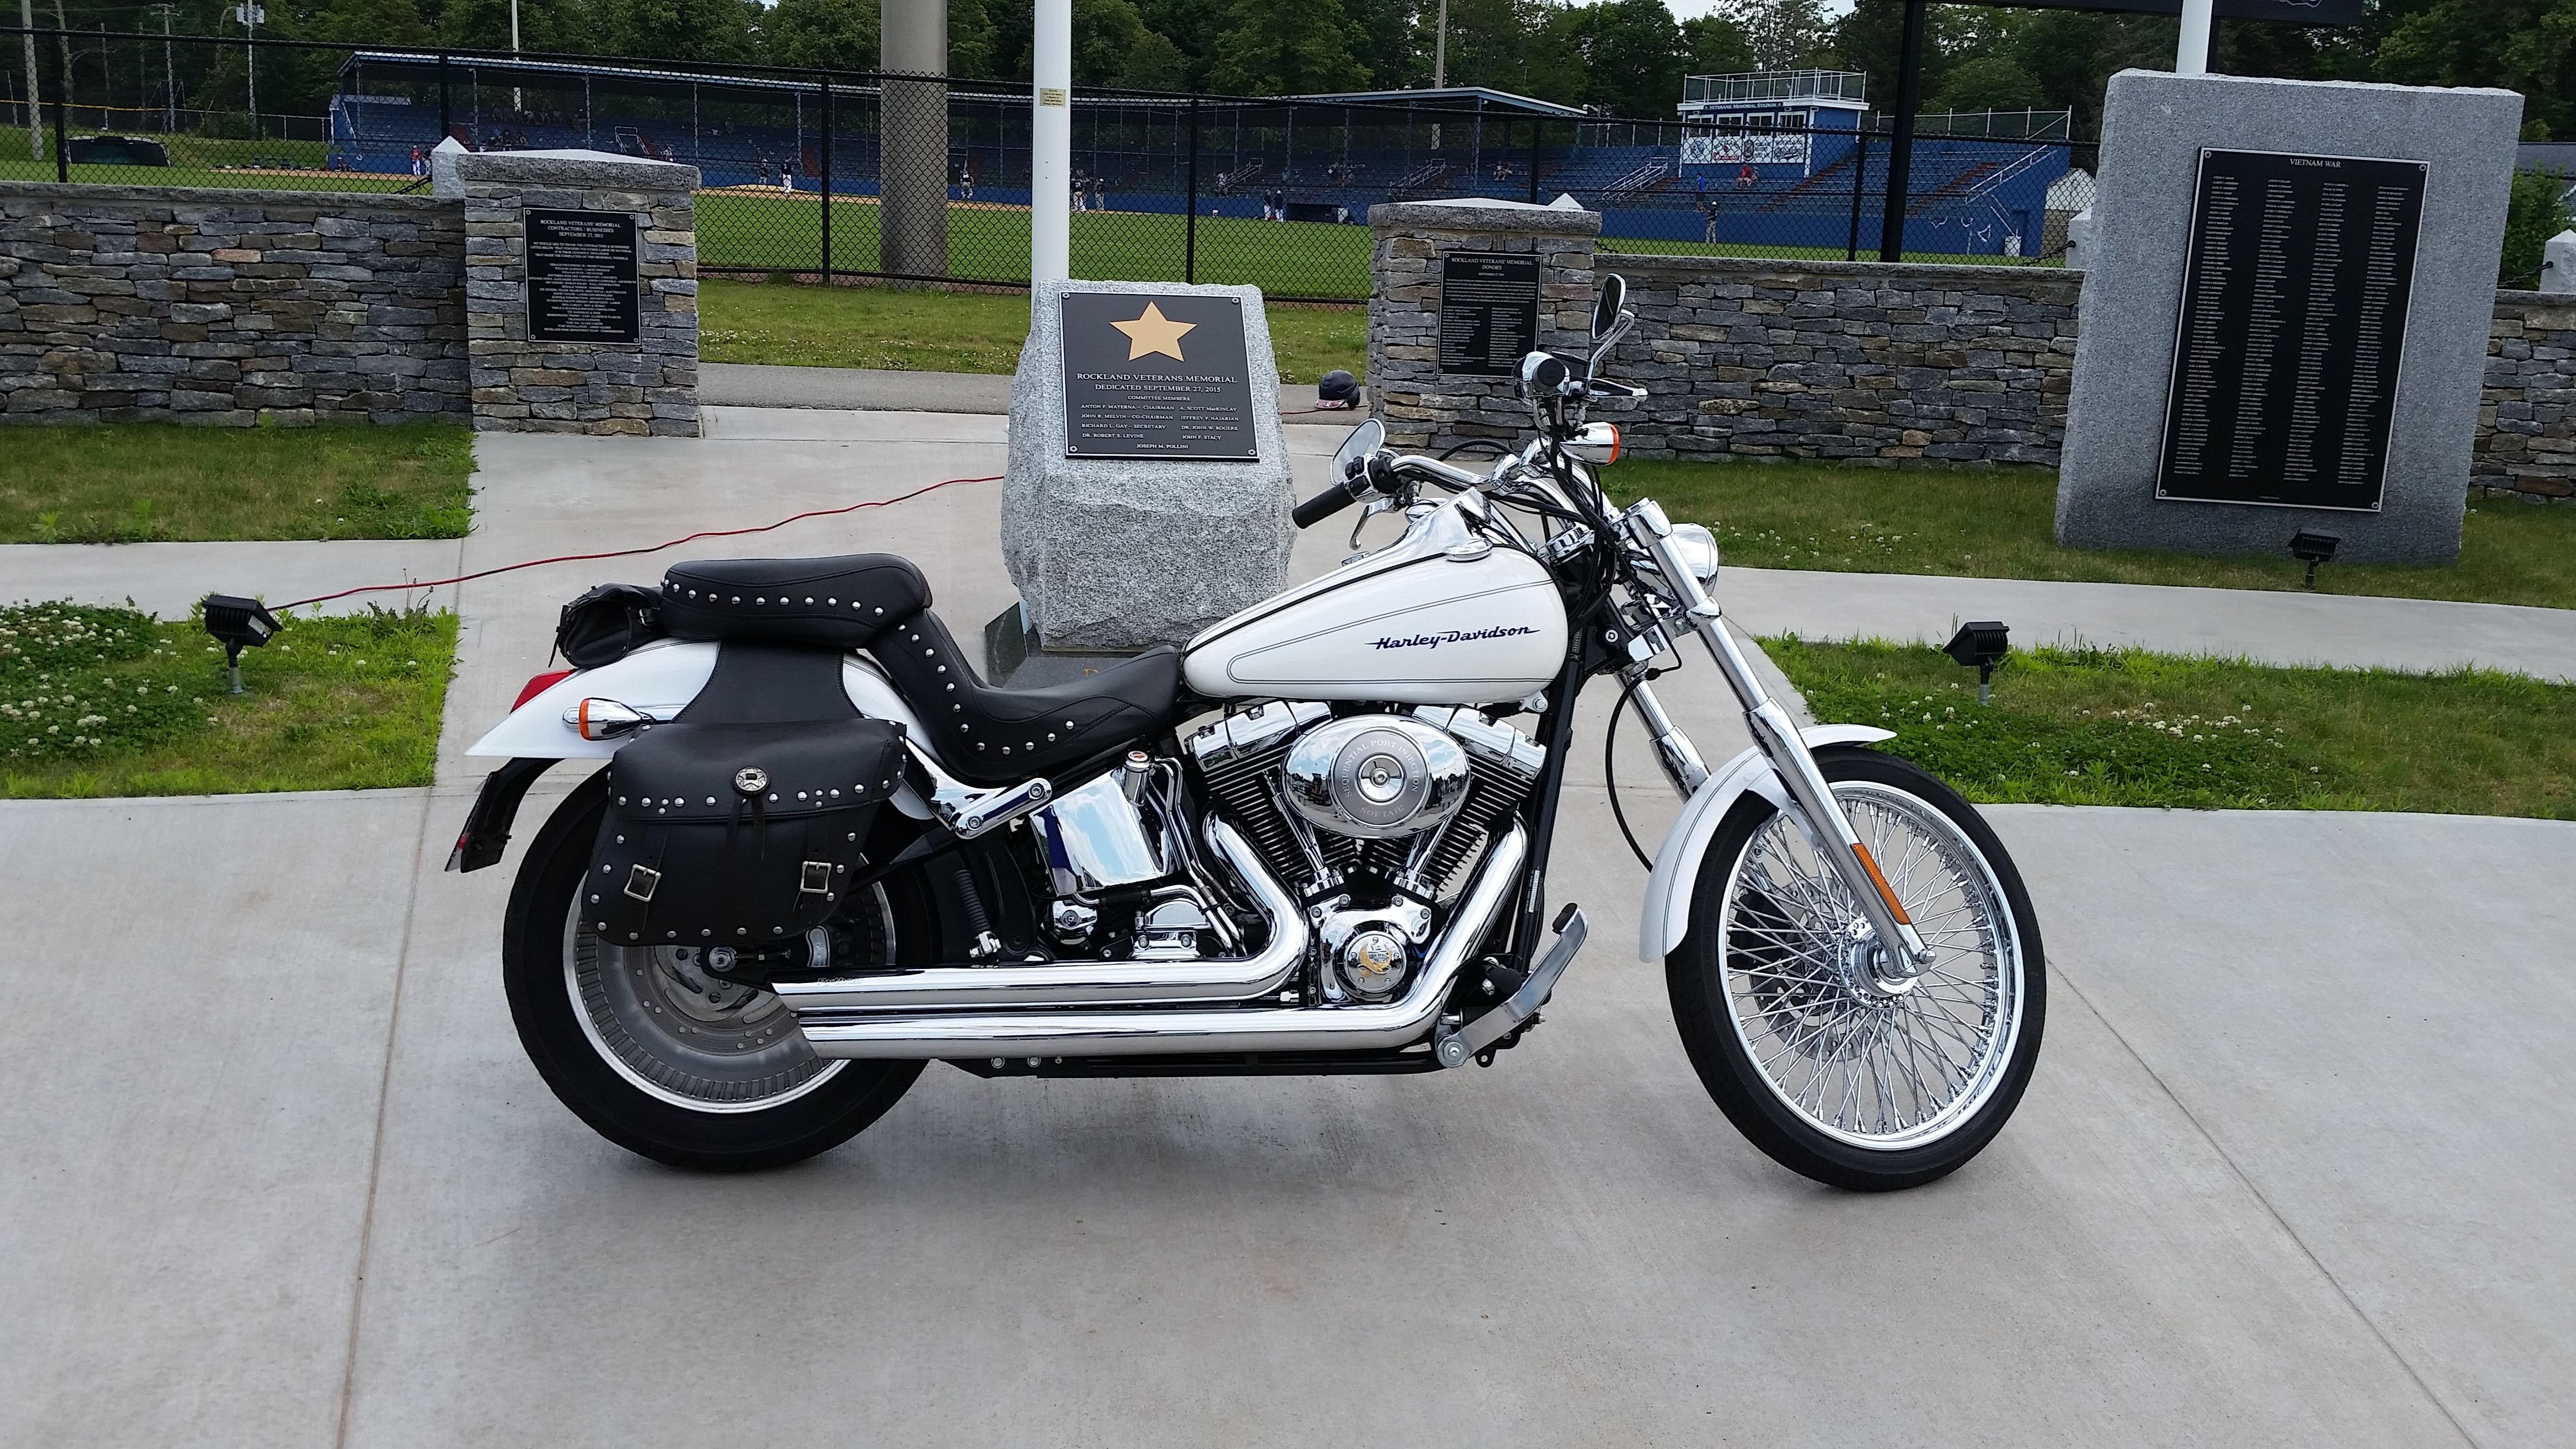 2005 Harley I Softail U00ae Deuce U2122  Pearl White